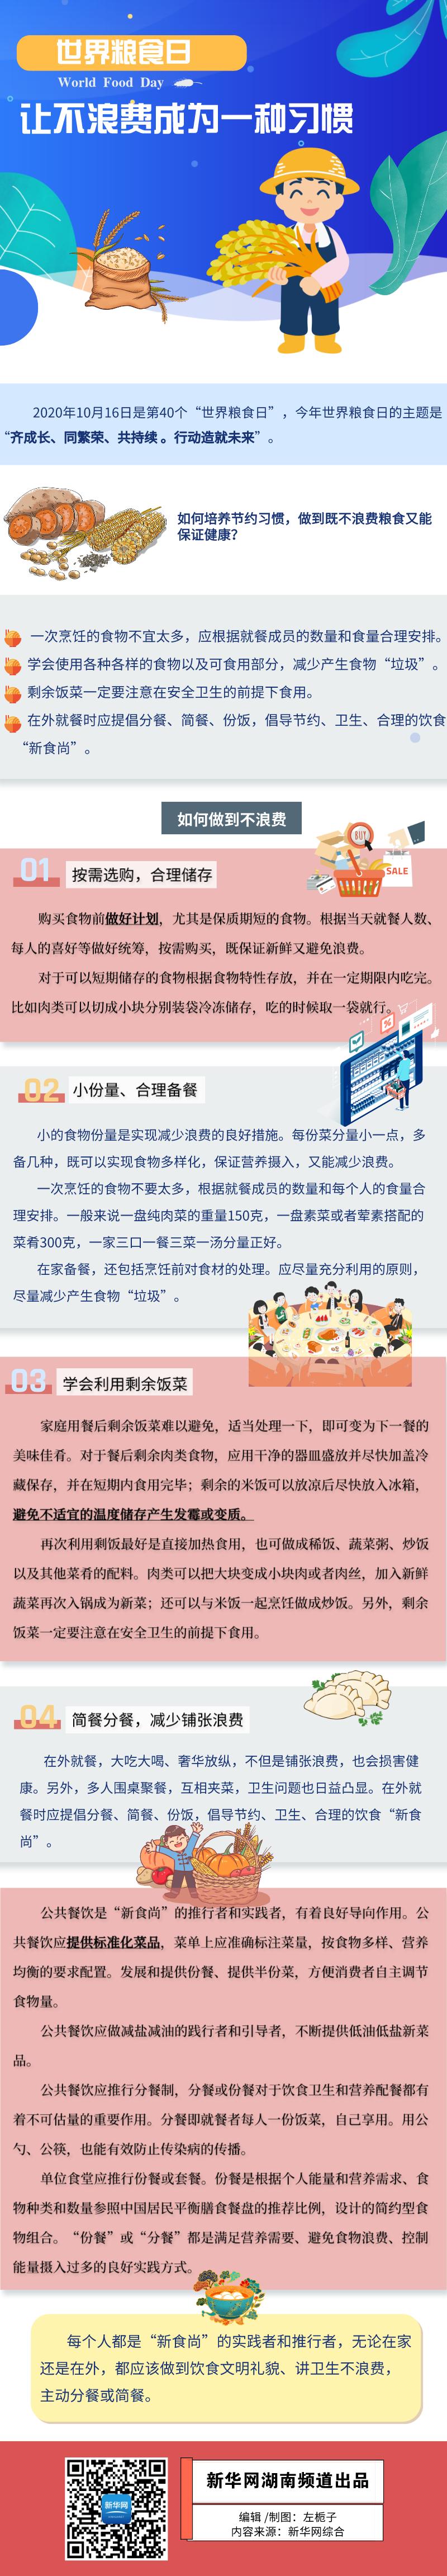 赢咖3娱乐登录世界粮食日 让不浪费成为一种习惯(图2)